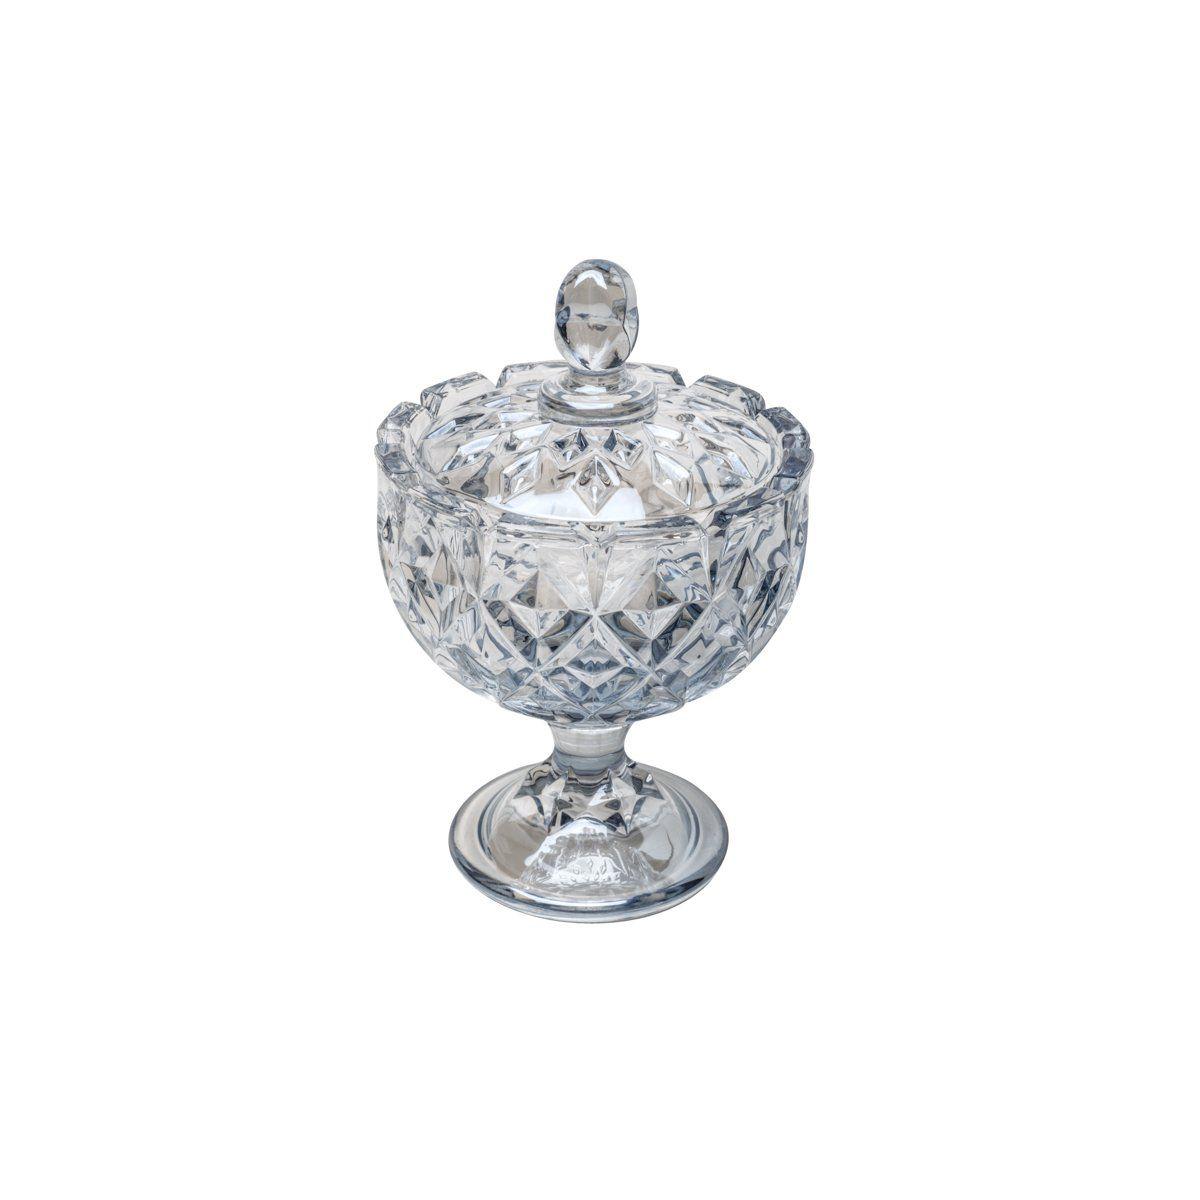 Bomboniere 14 cm de cristal azul com pé e tampa Crown Wolff - 26389